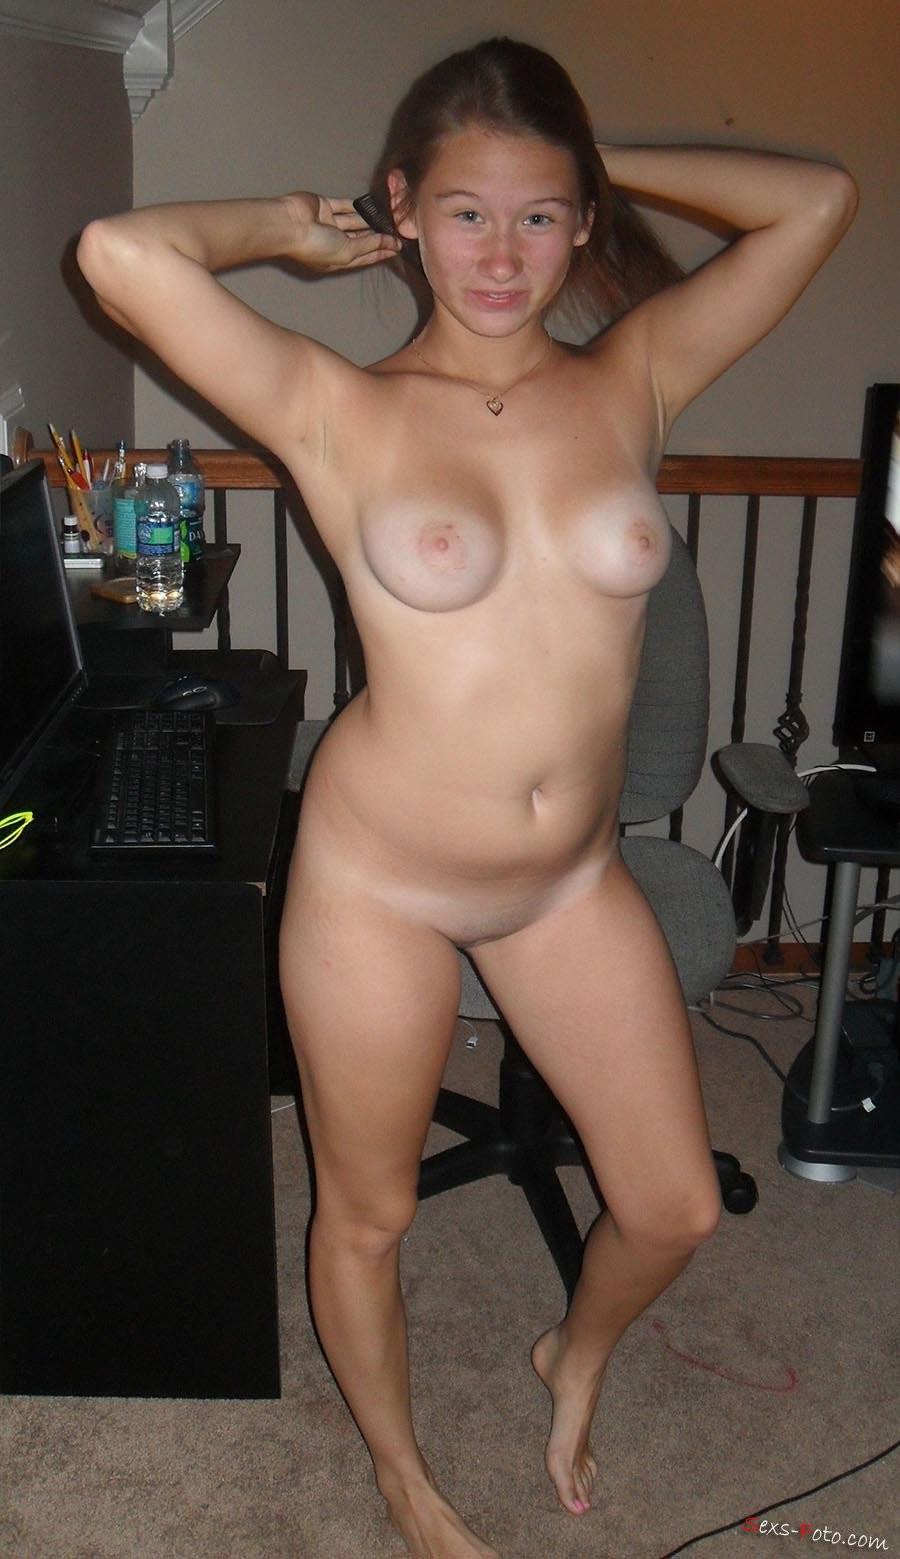 access instant slut squad – Erotic